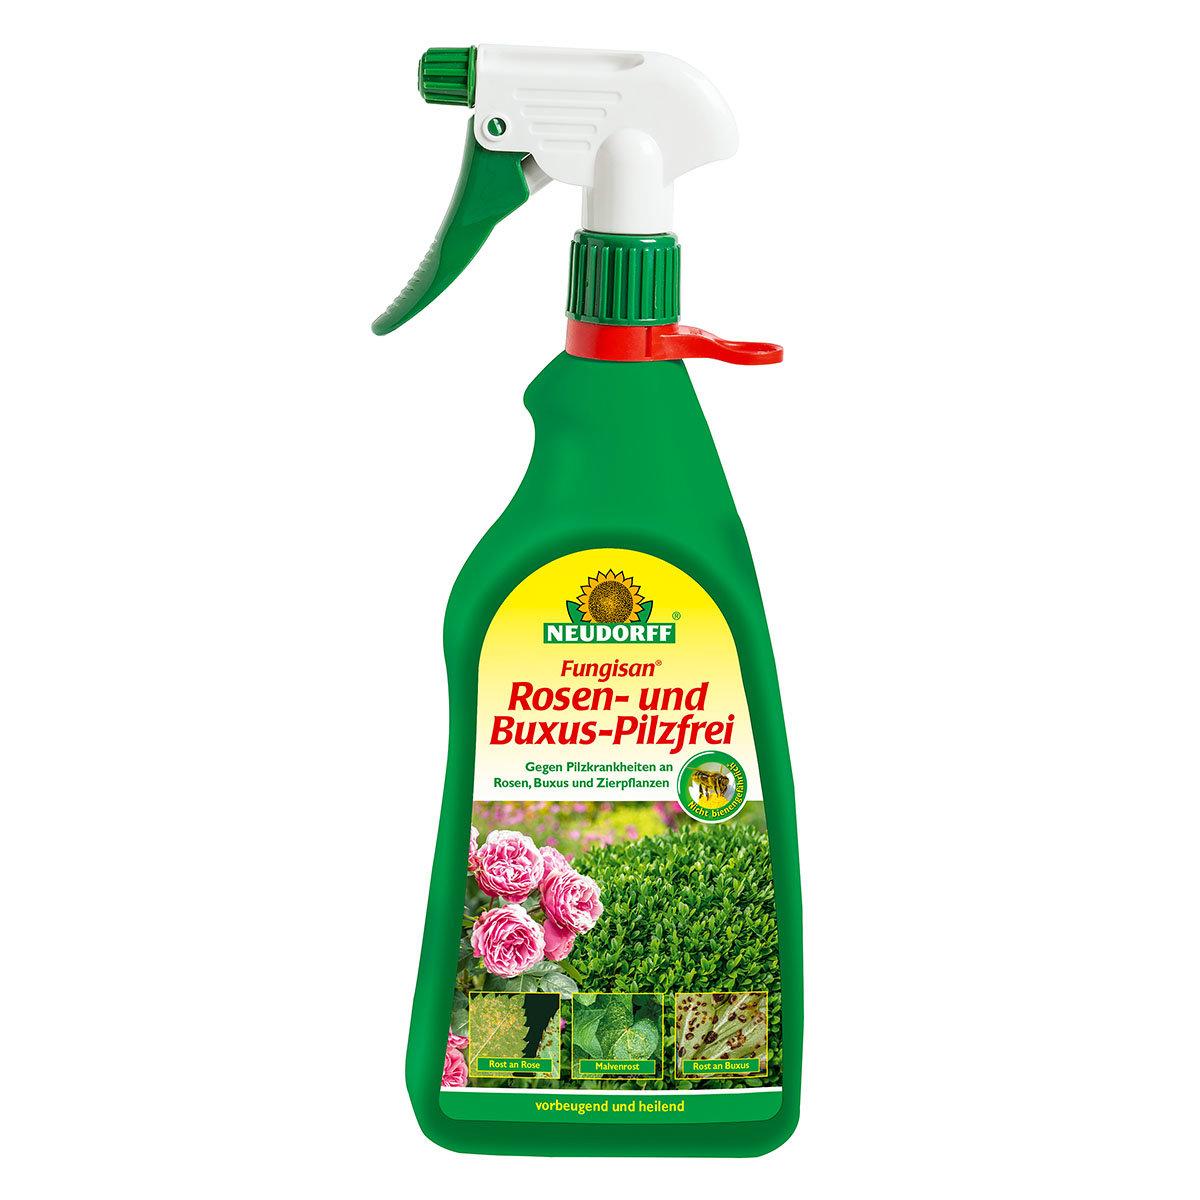 Rosen- und Buxus-Pilzfrei, 1 Liter anwendungsfertig